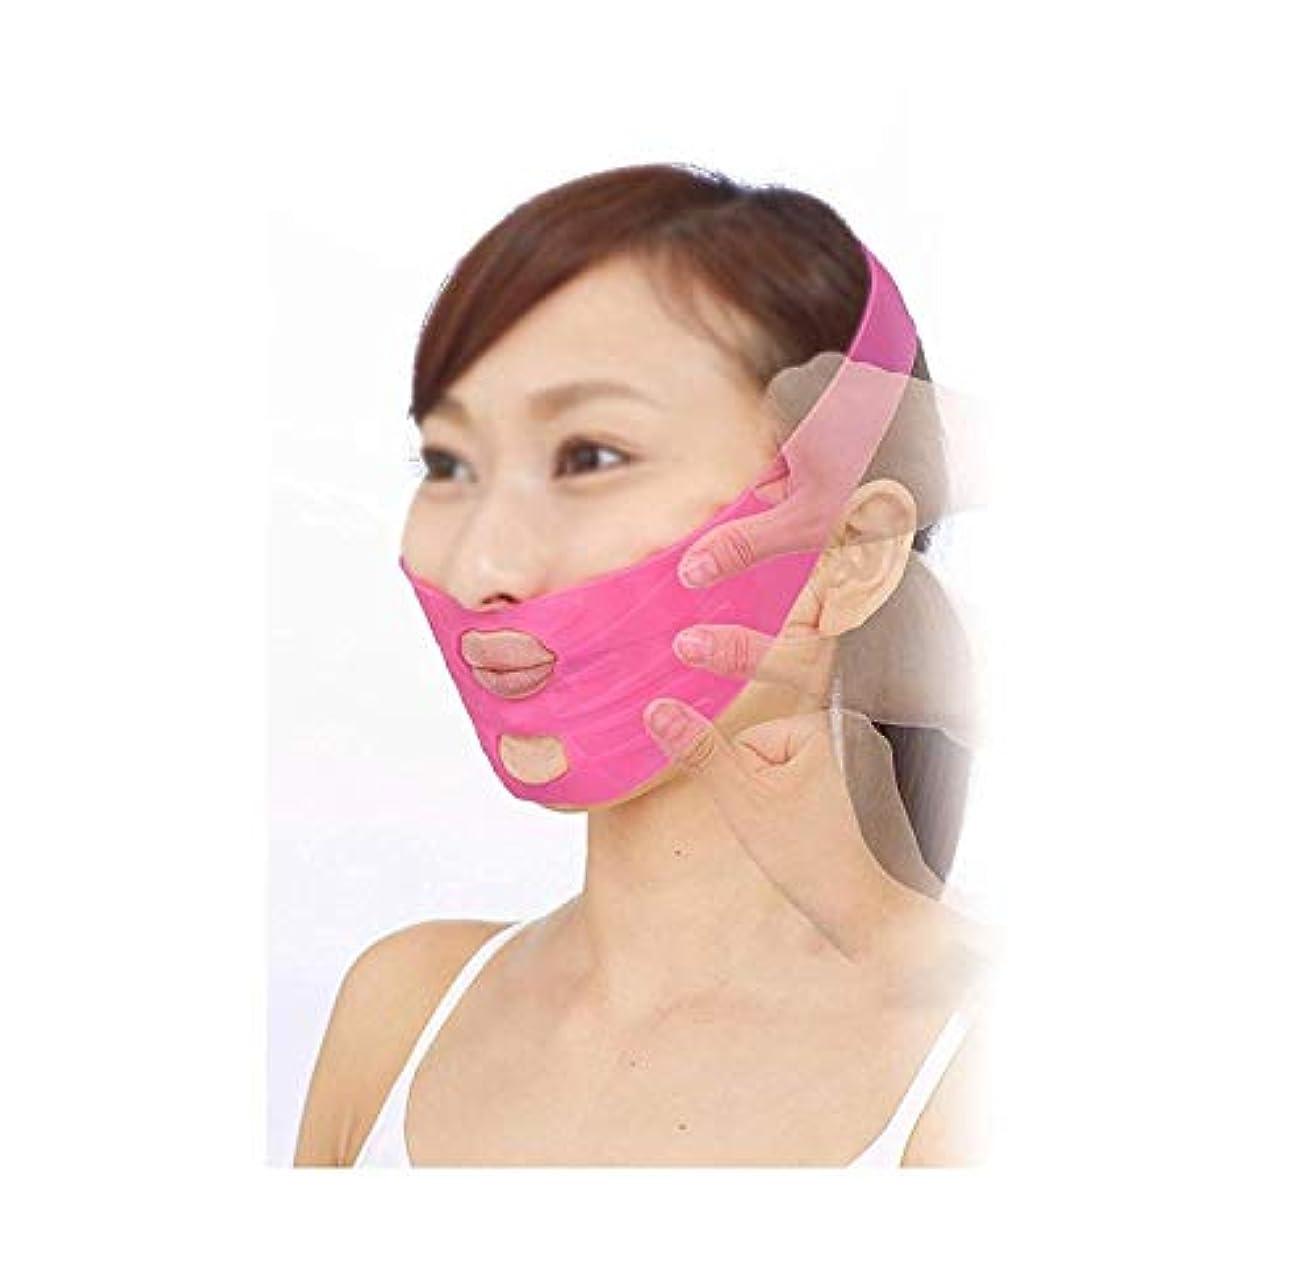 バンドルデータベースこしょうフェイシャルマスク、リフティングアーティファクトフェイスマスク垂れ下がった小さなVフェイスバンデージ付きの顔 スリーピングフェイスダブルチンチンセットスリープエラスティックスリミングベルト